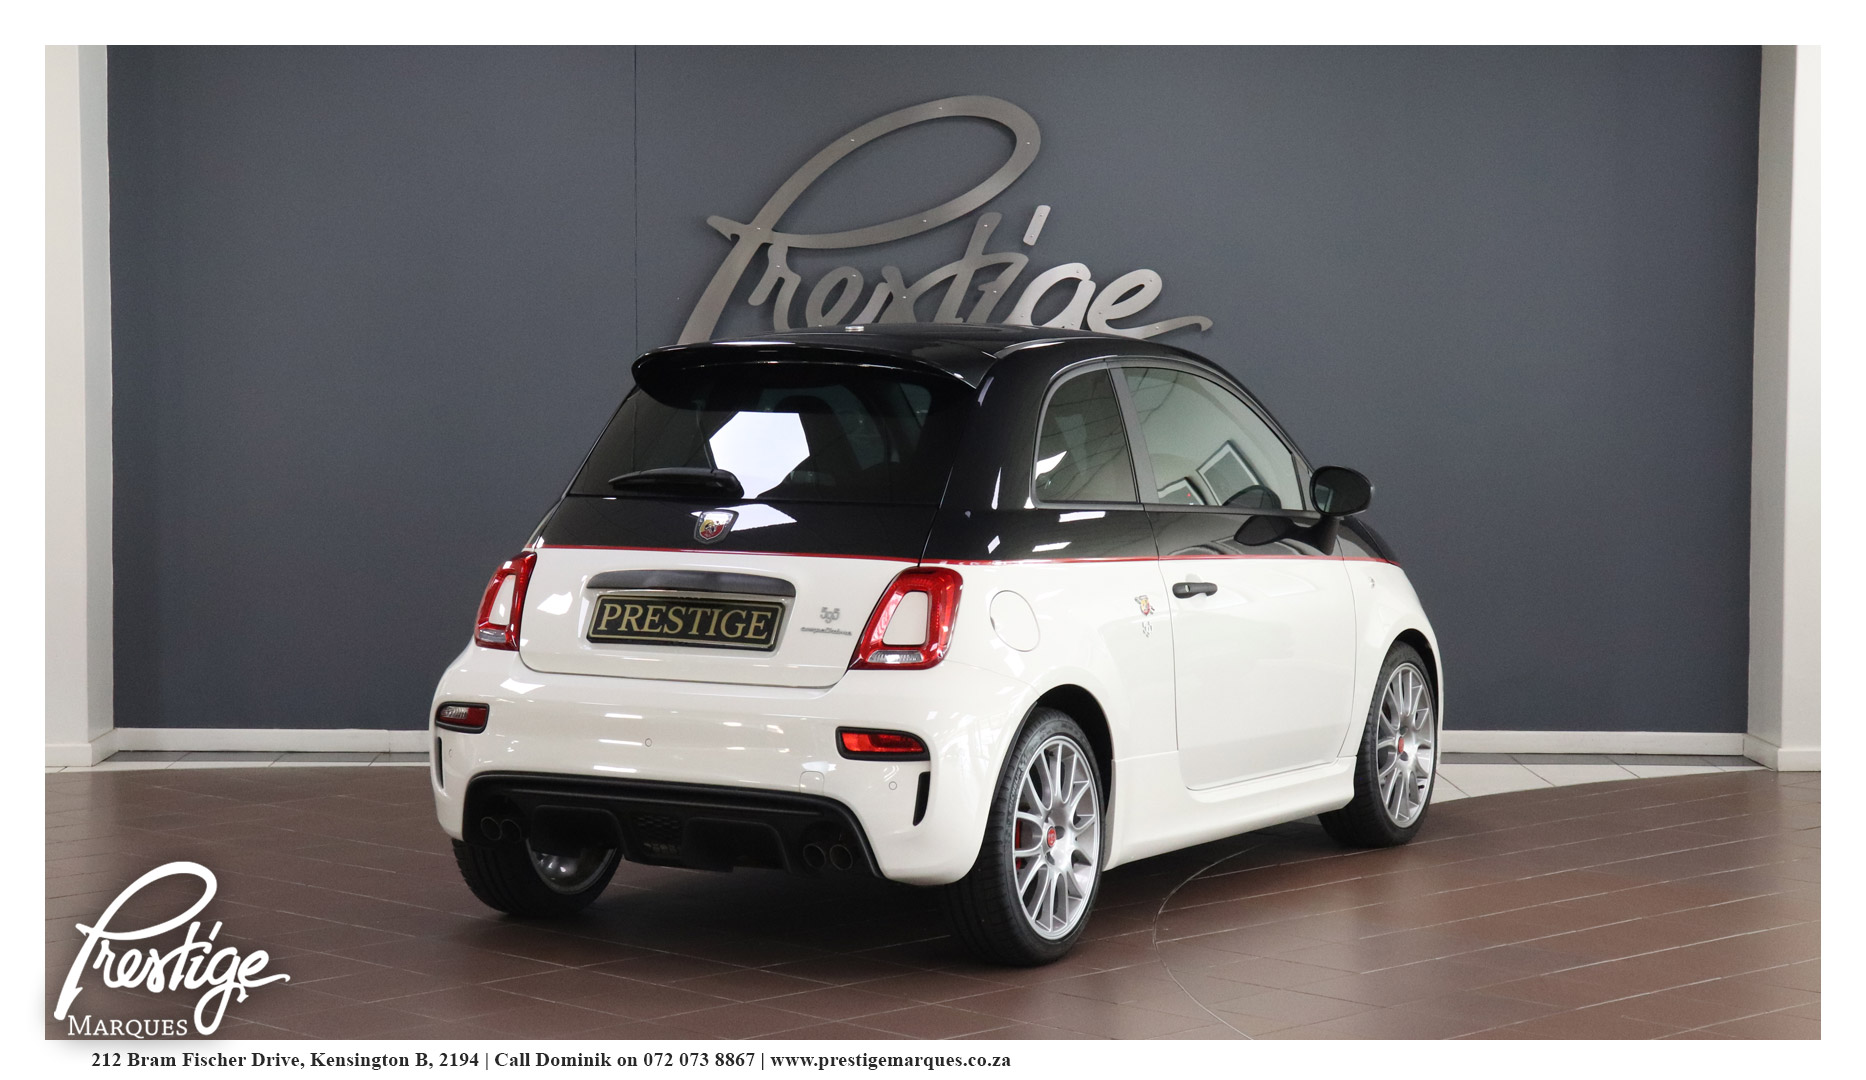 2020-Fiat-Abarth-595-Competizione-Manual-Prestige-Marques-Randburg-Sandton-6